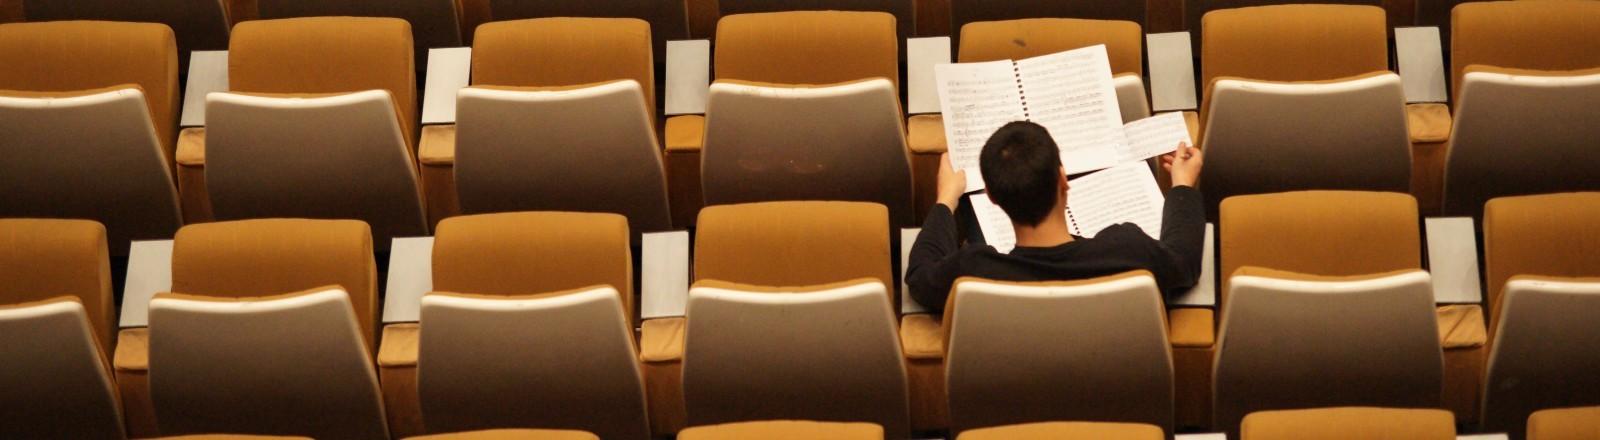 Ein Mann sitzt in einem bestuhlten Konzertsaal.